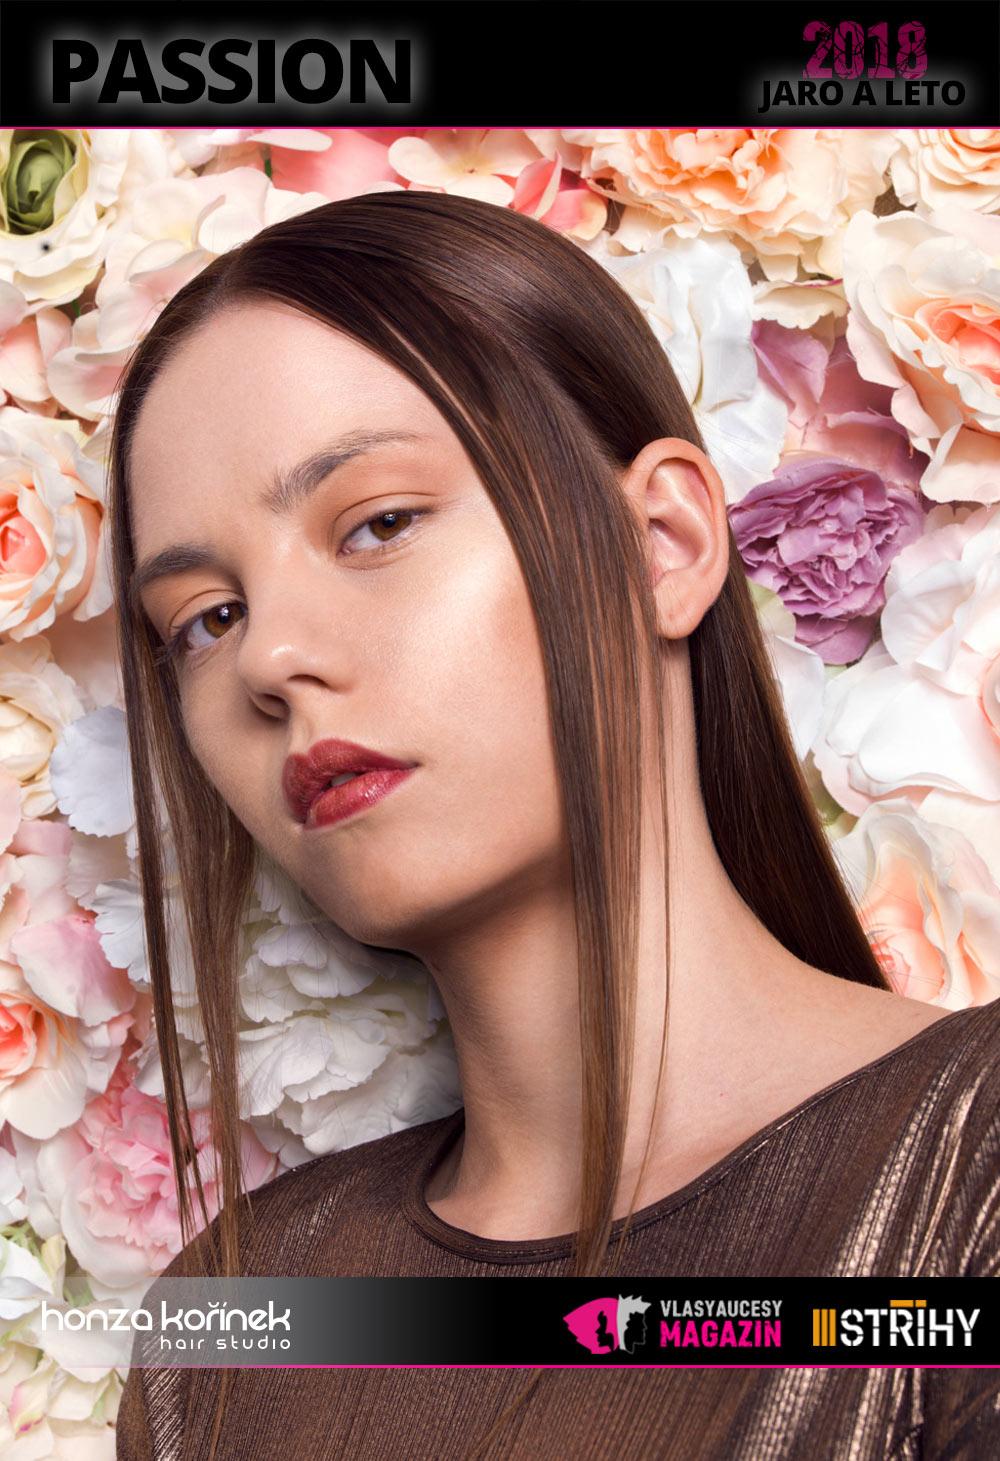 Honza Kořínek: Passion (S/S 2018): Hladké vlasy jako symbol luxusu – i to je jedno z poselství nové kolekce Honzy Kořínka pro jaro a léto 2018.